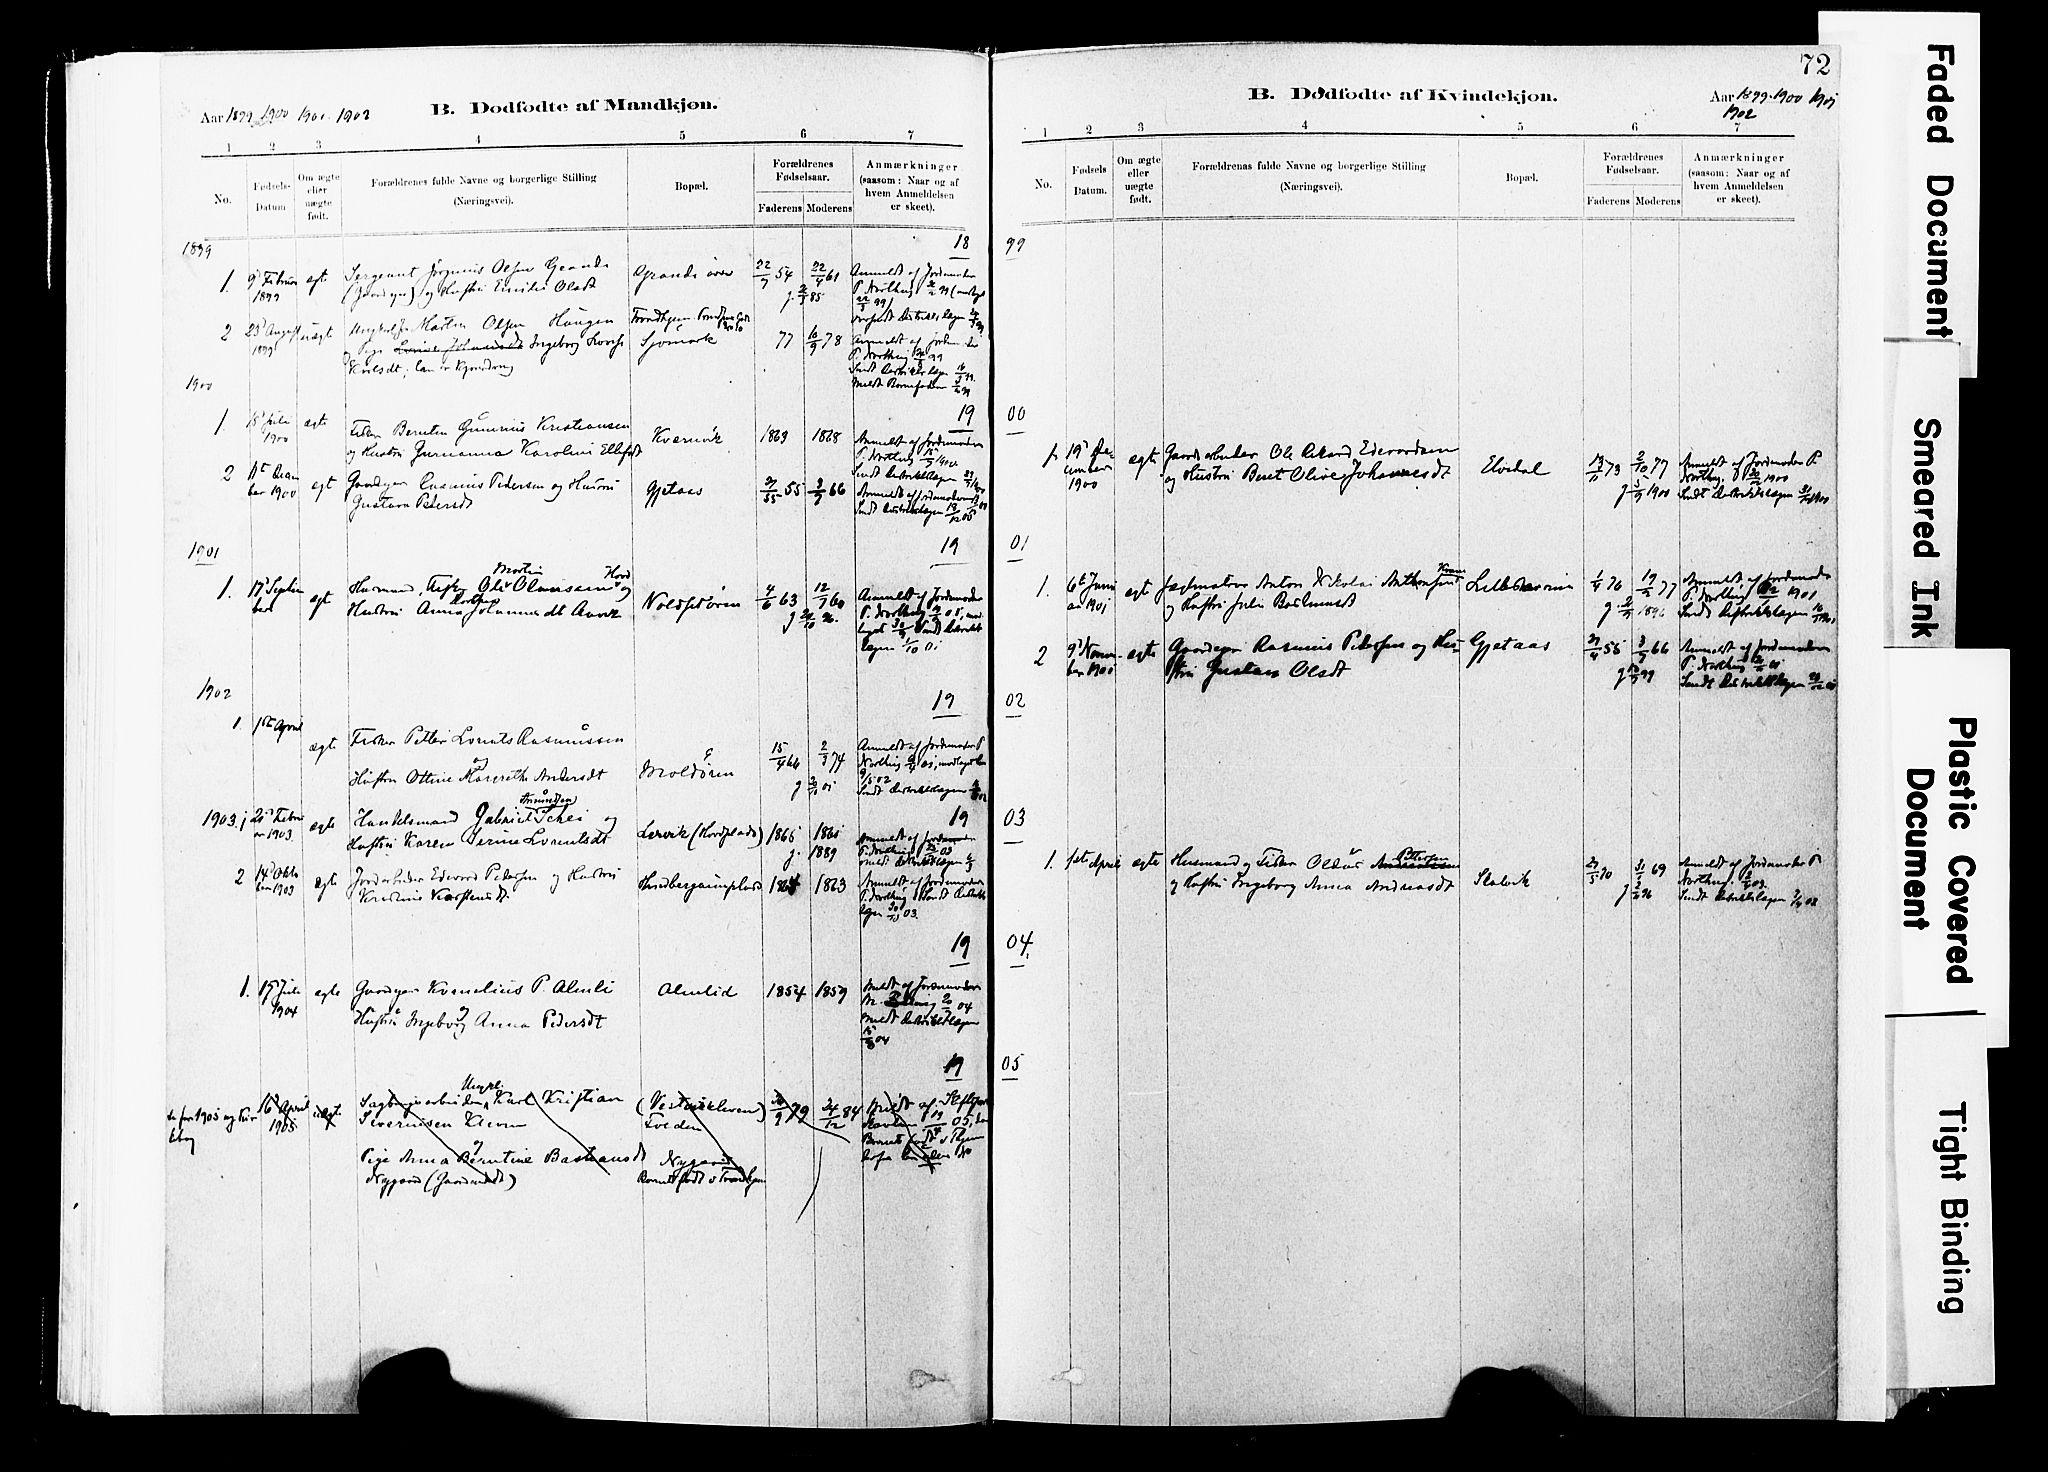 SAT, Ministerialprotokoller, klokkerbøker og fødselsregistre - Nord-Trøndelag, 744/L0420: Ministerialbok nr. 744A04, 1882-1904, s. 72